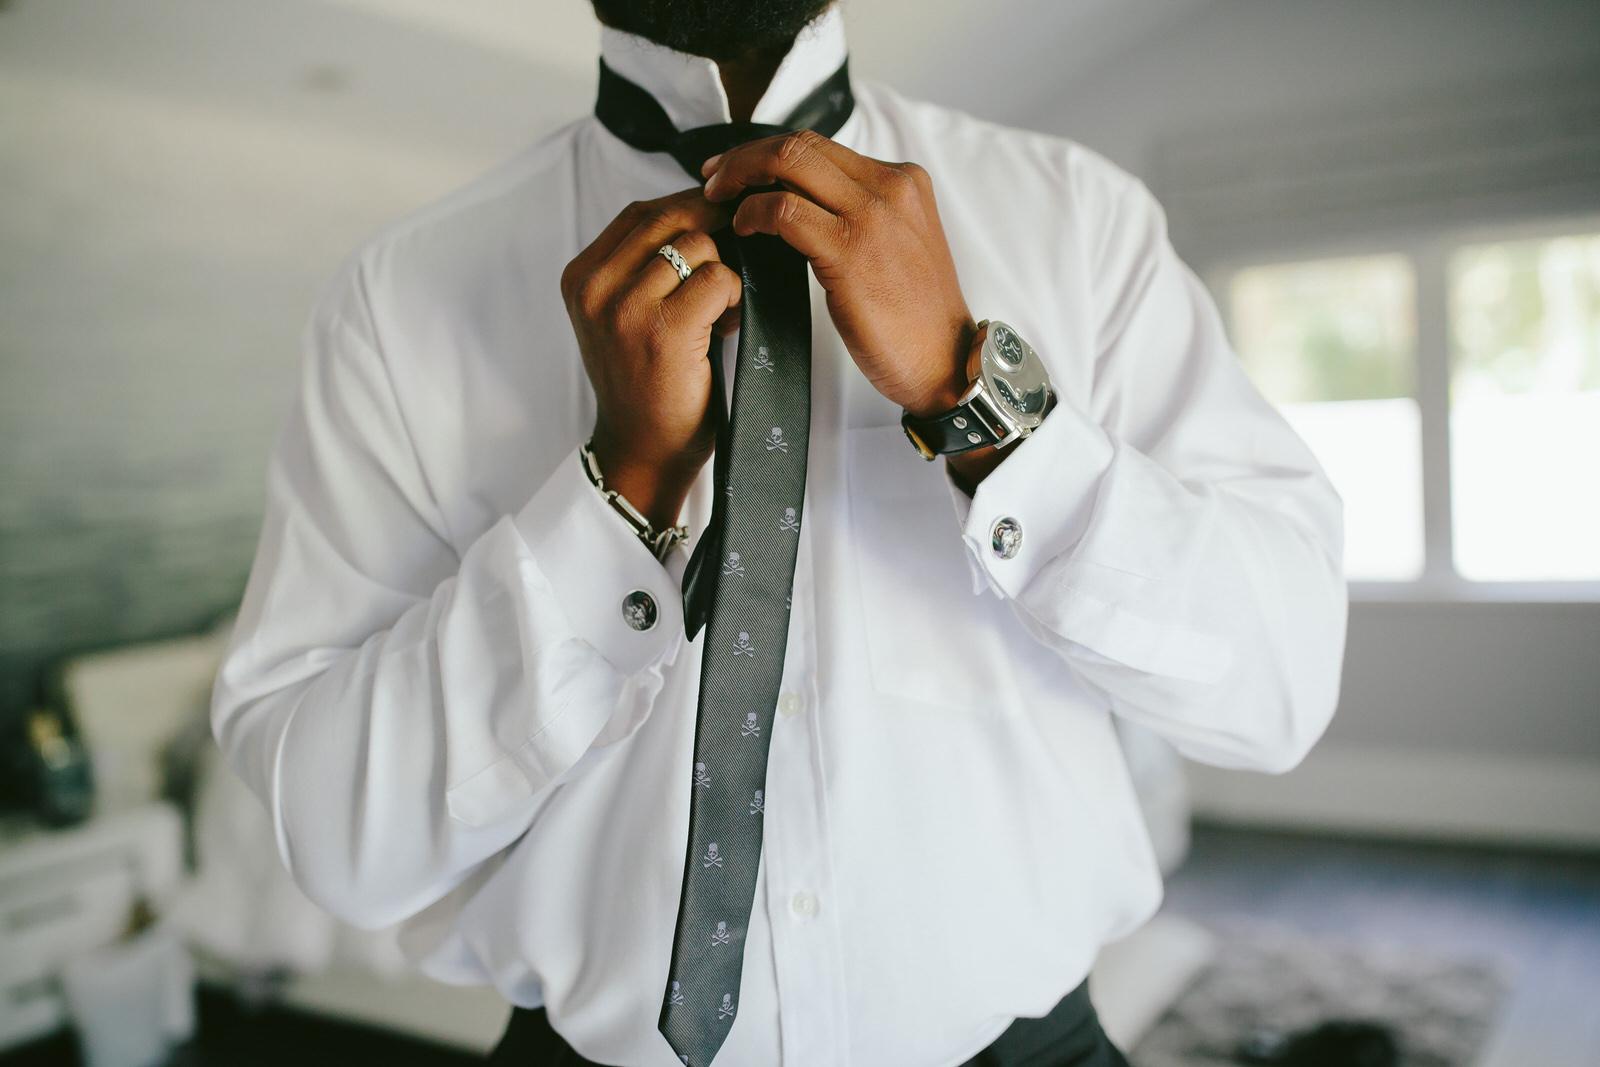 hollywood_estate_wedding_steph_lynn_photo_getting_ready_details-53.jpg